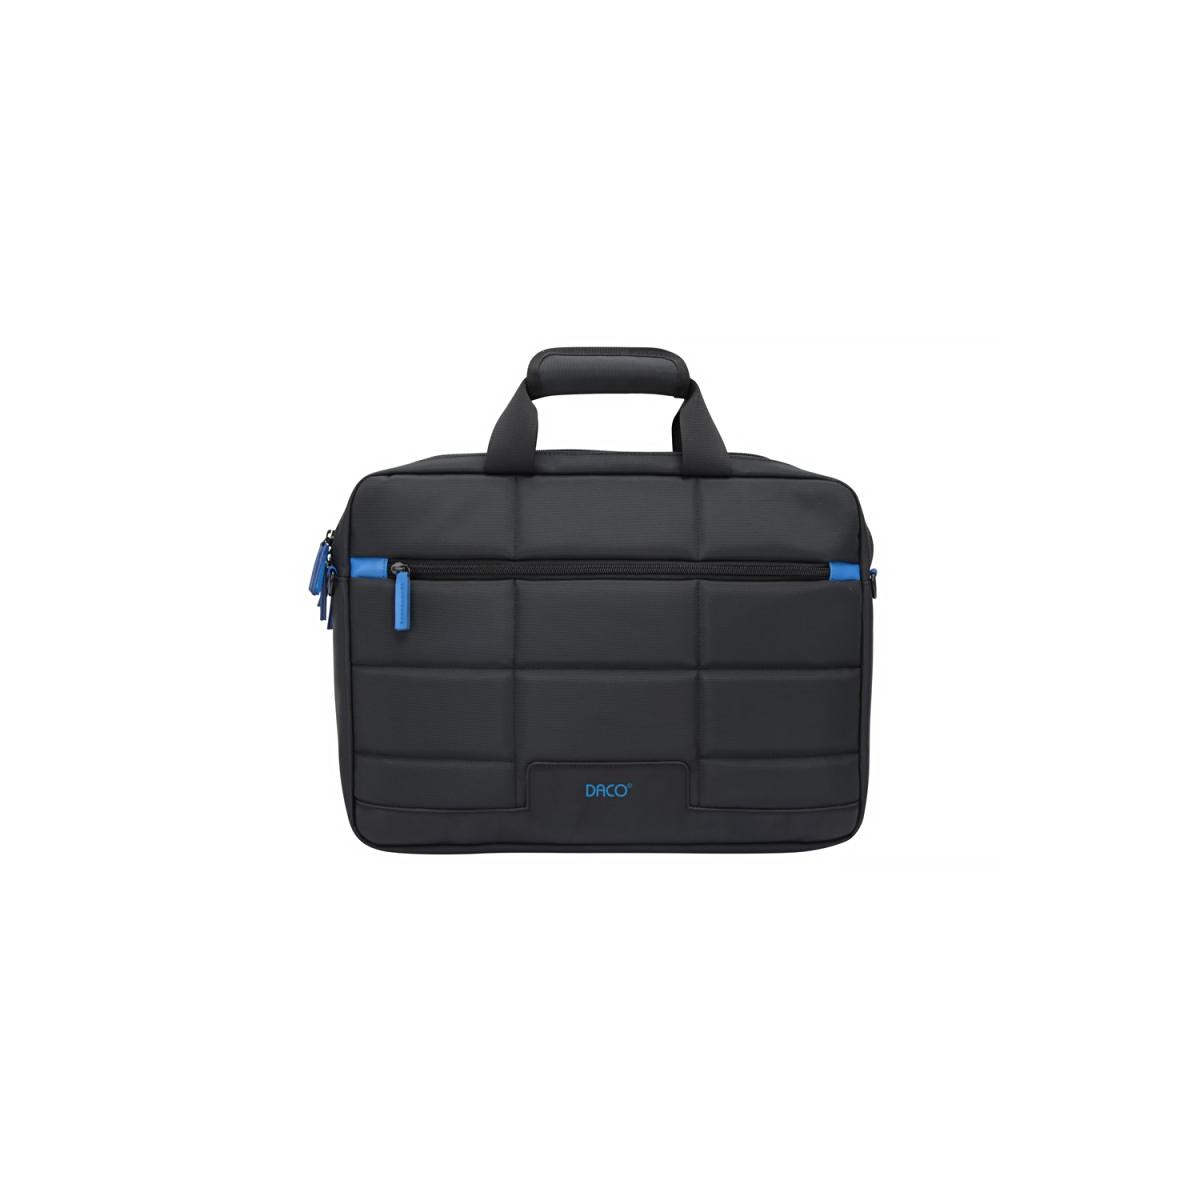 Geantă Pentru Laptop, 16 Inch, Negru & Albastru, Daco, GL163